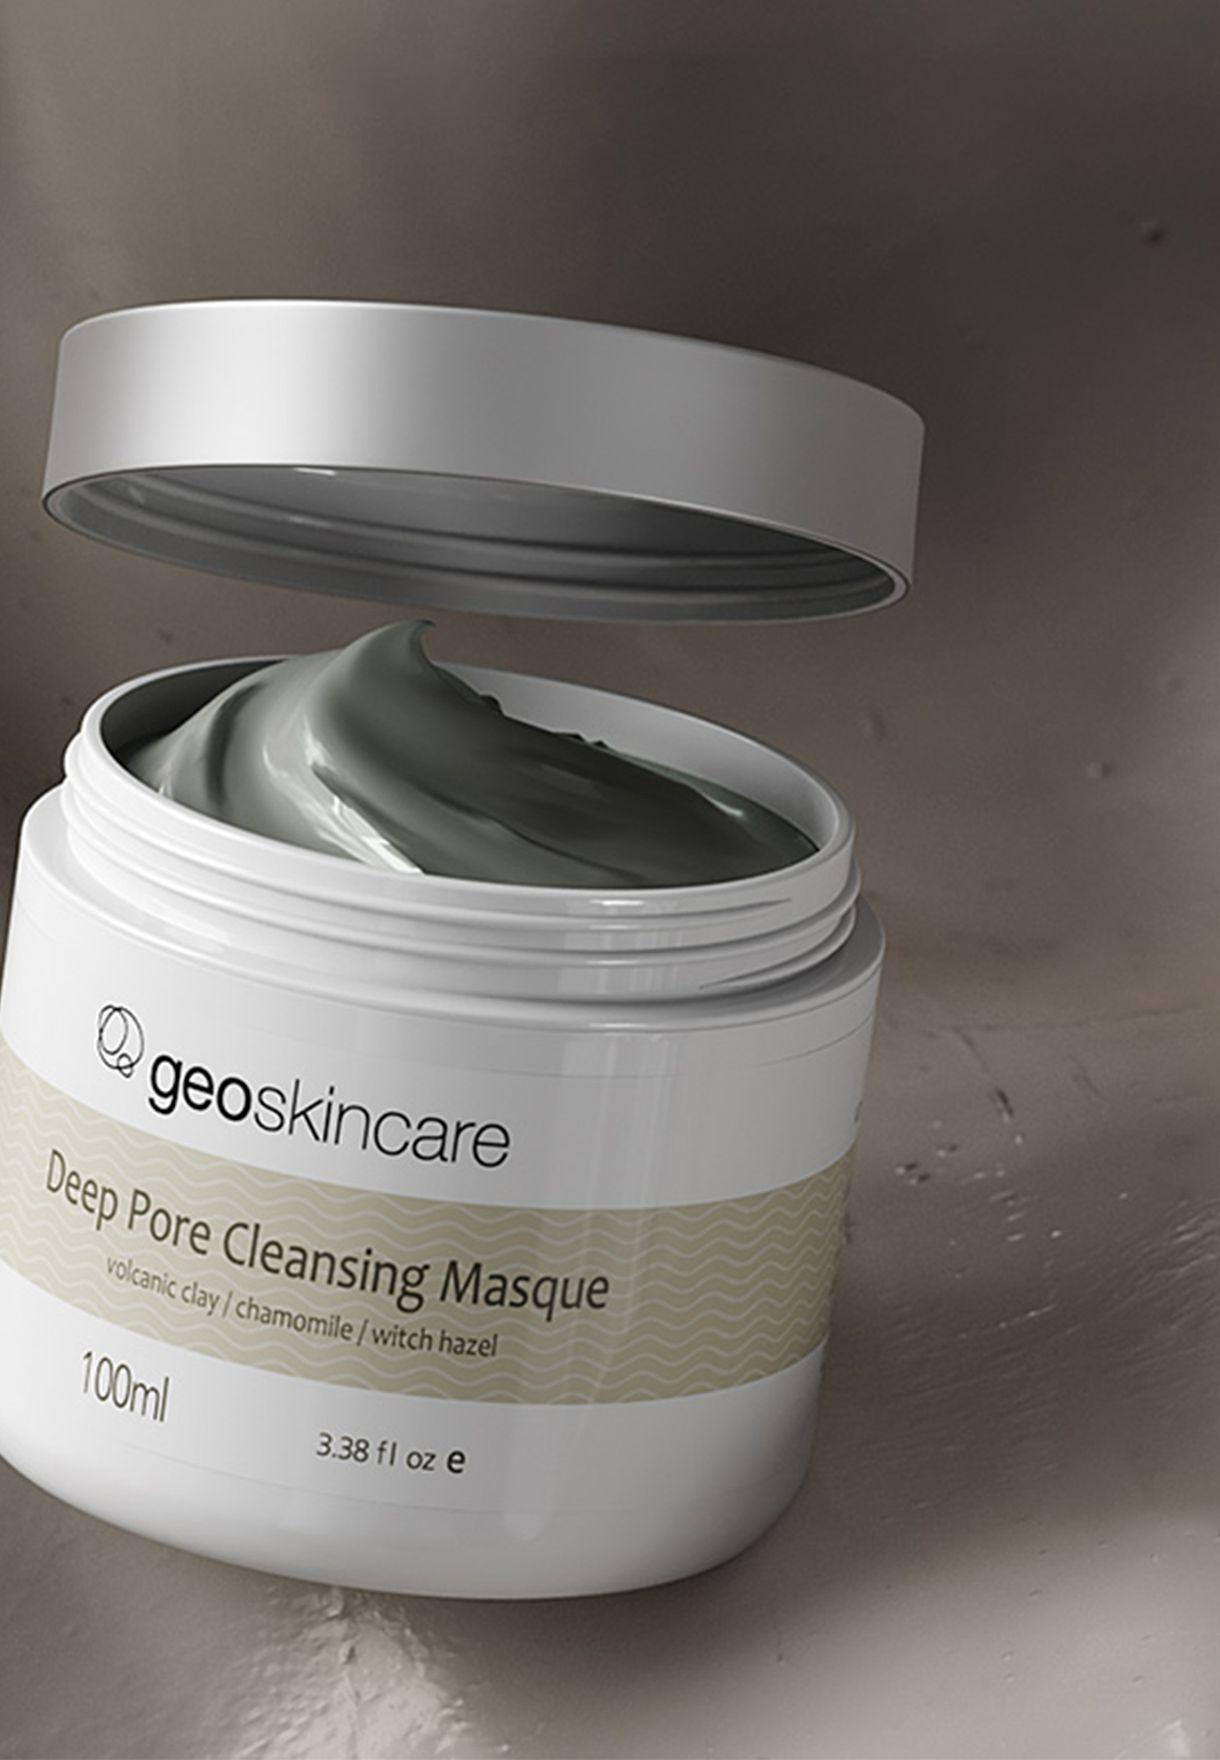 ماسك فولكانيك لتنظيف عميق لمسام البشرة